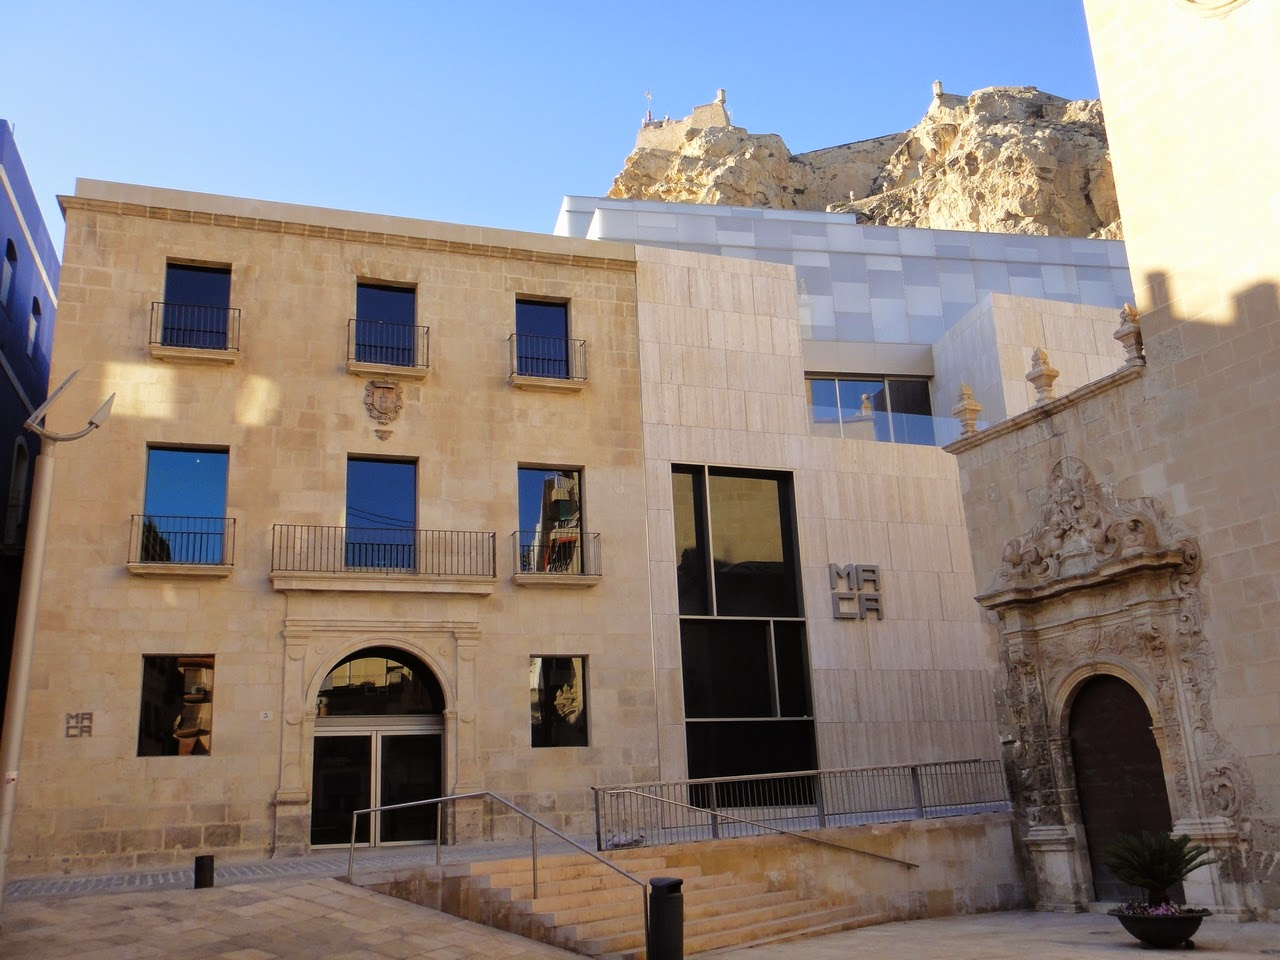 MACA Alicante Kasa25